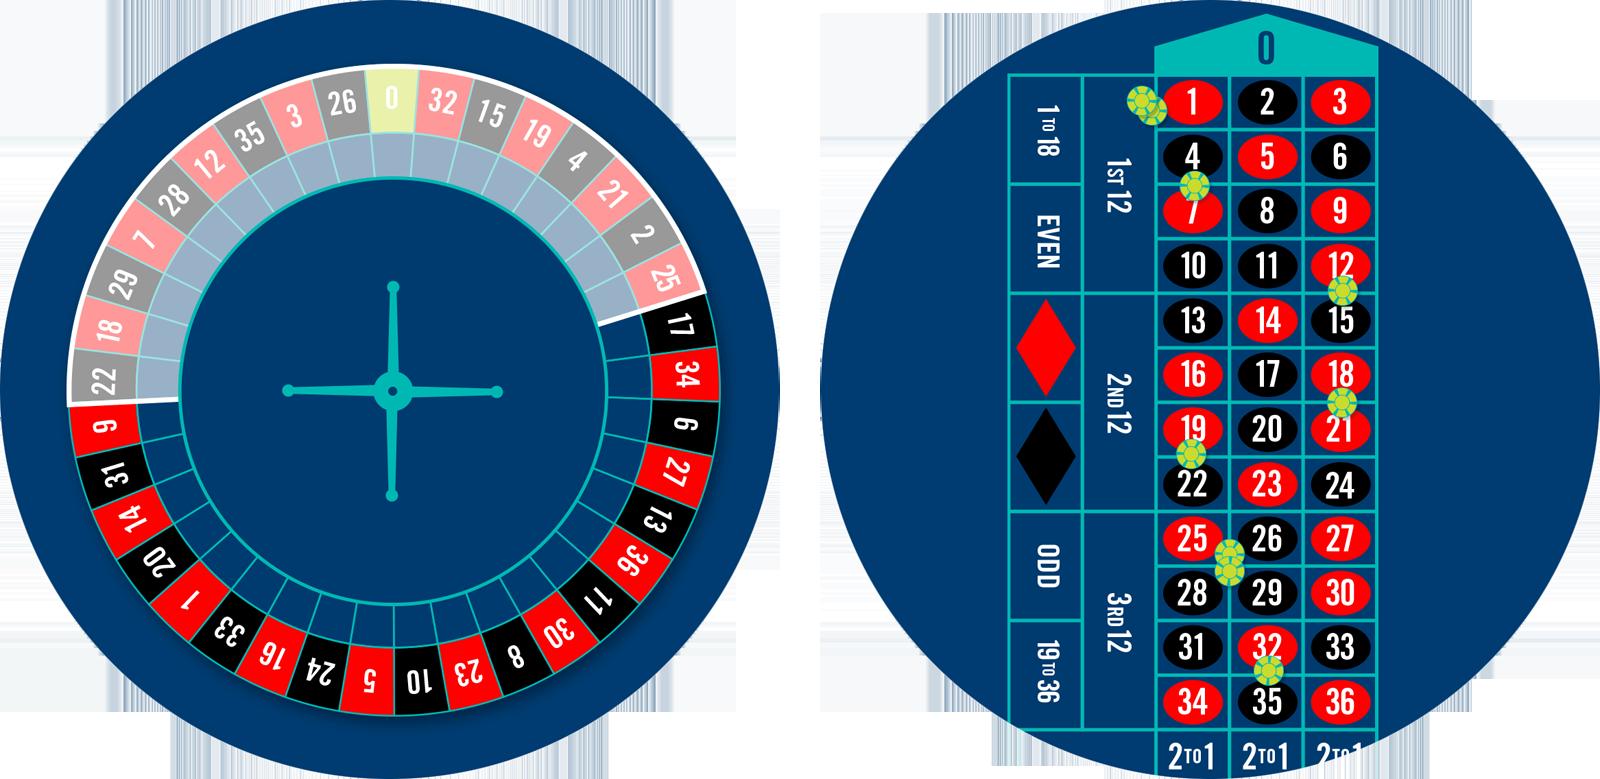 特別顯示零旁注區的輪盤,以及零旁注區放着九個籌碼的輪盤賭桌。